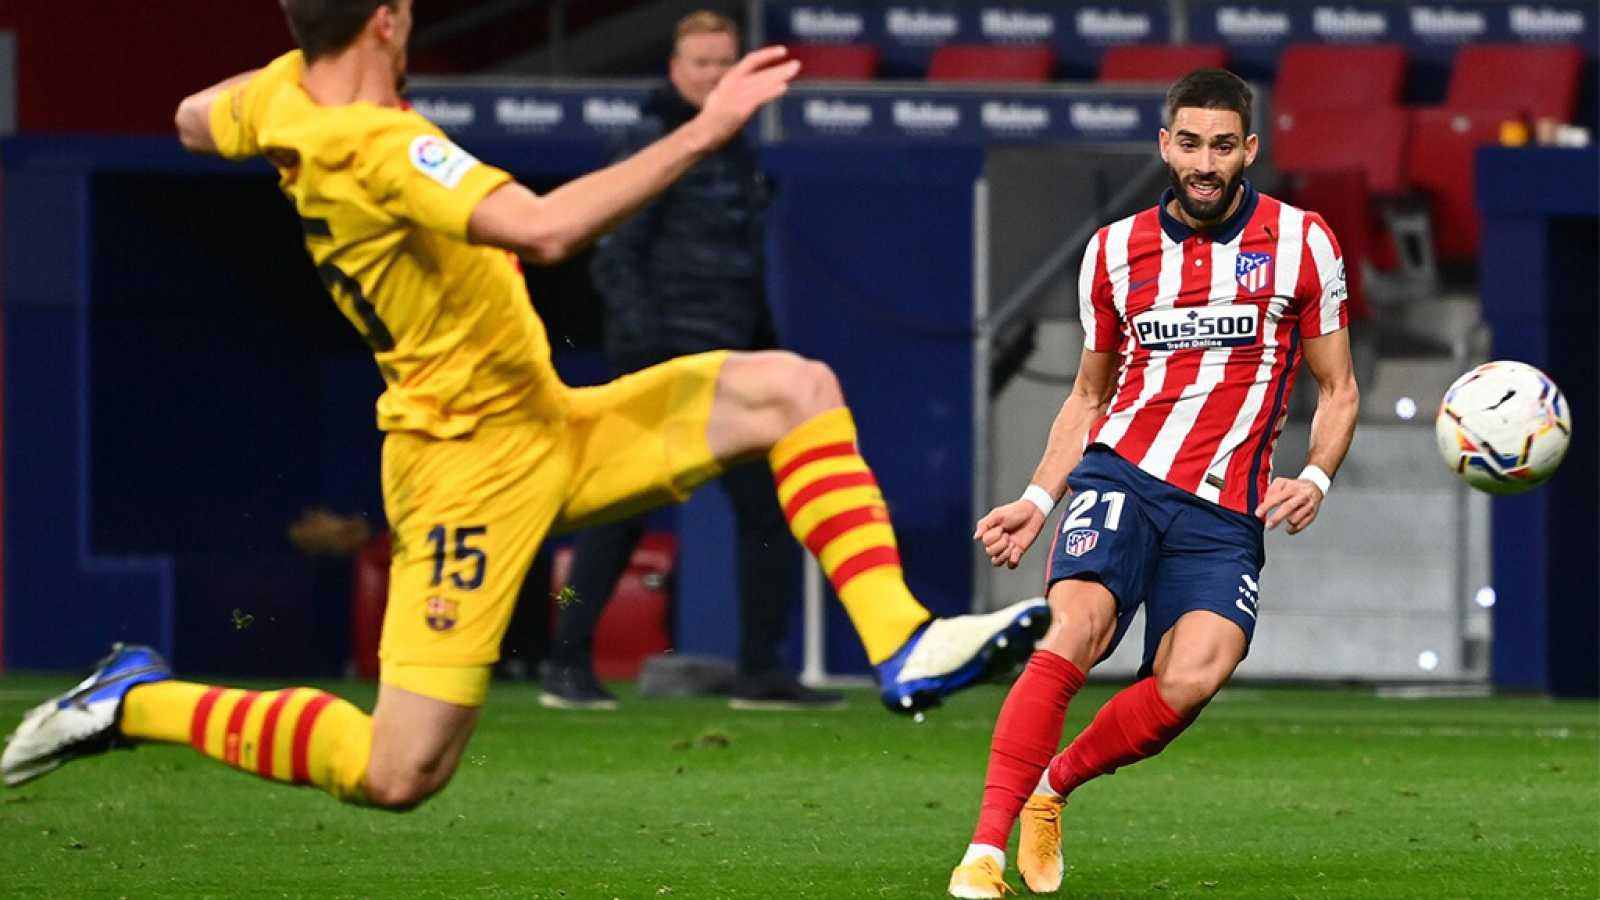 Tablero deportivo - El Atlético gana 1 a 0... Y sin Luis Suárez - Escuchar ahora